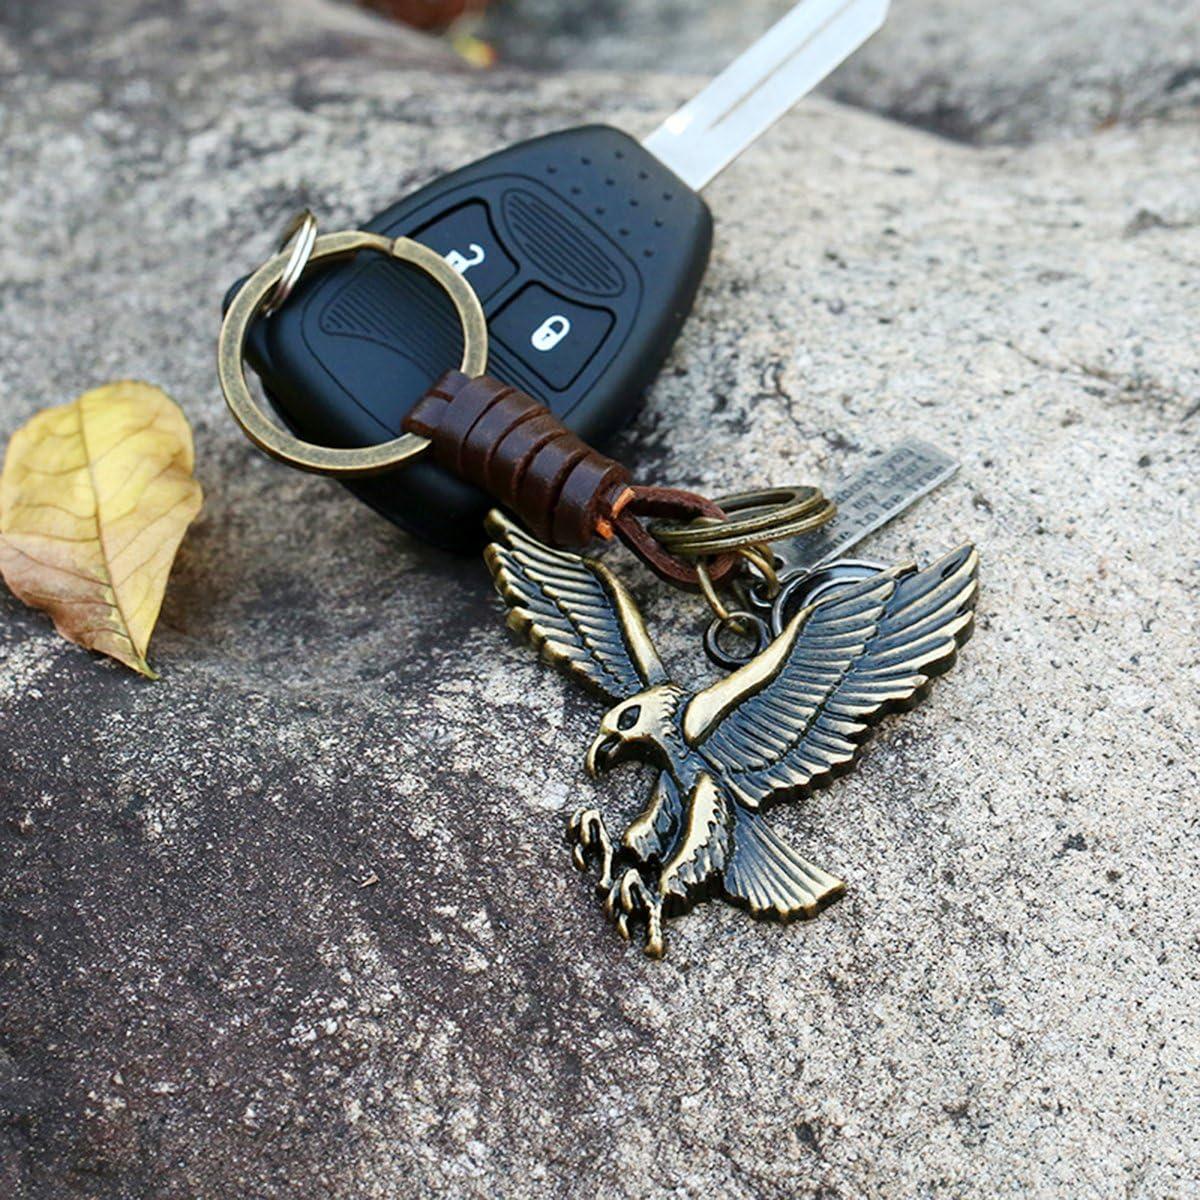 Portachiavi anello von fabl Crew USB Stick chiave allegati auto allegati portachiavi Keychain per gli uomini e le ragazze zaino ciondolo stile vintage Bronze Pelle Lega Aquila del modello 1/pezzi